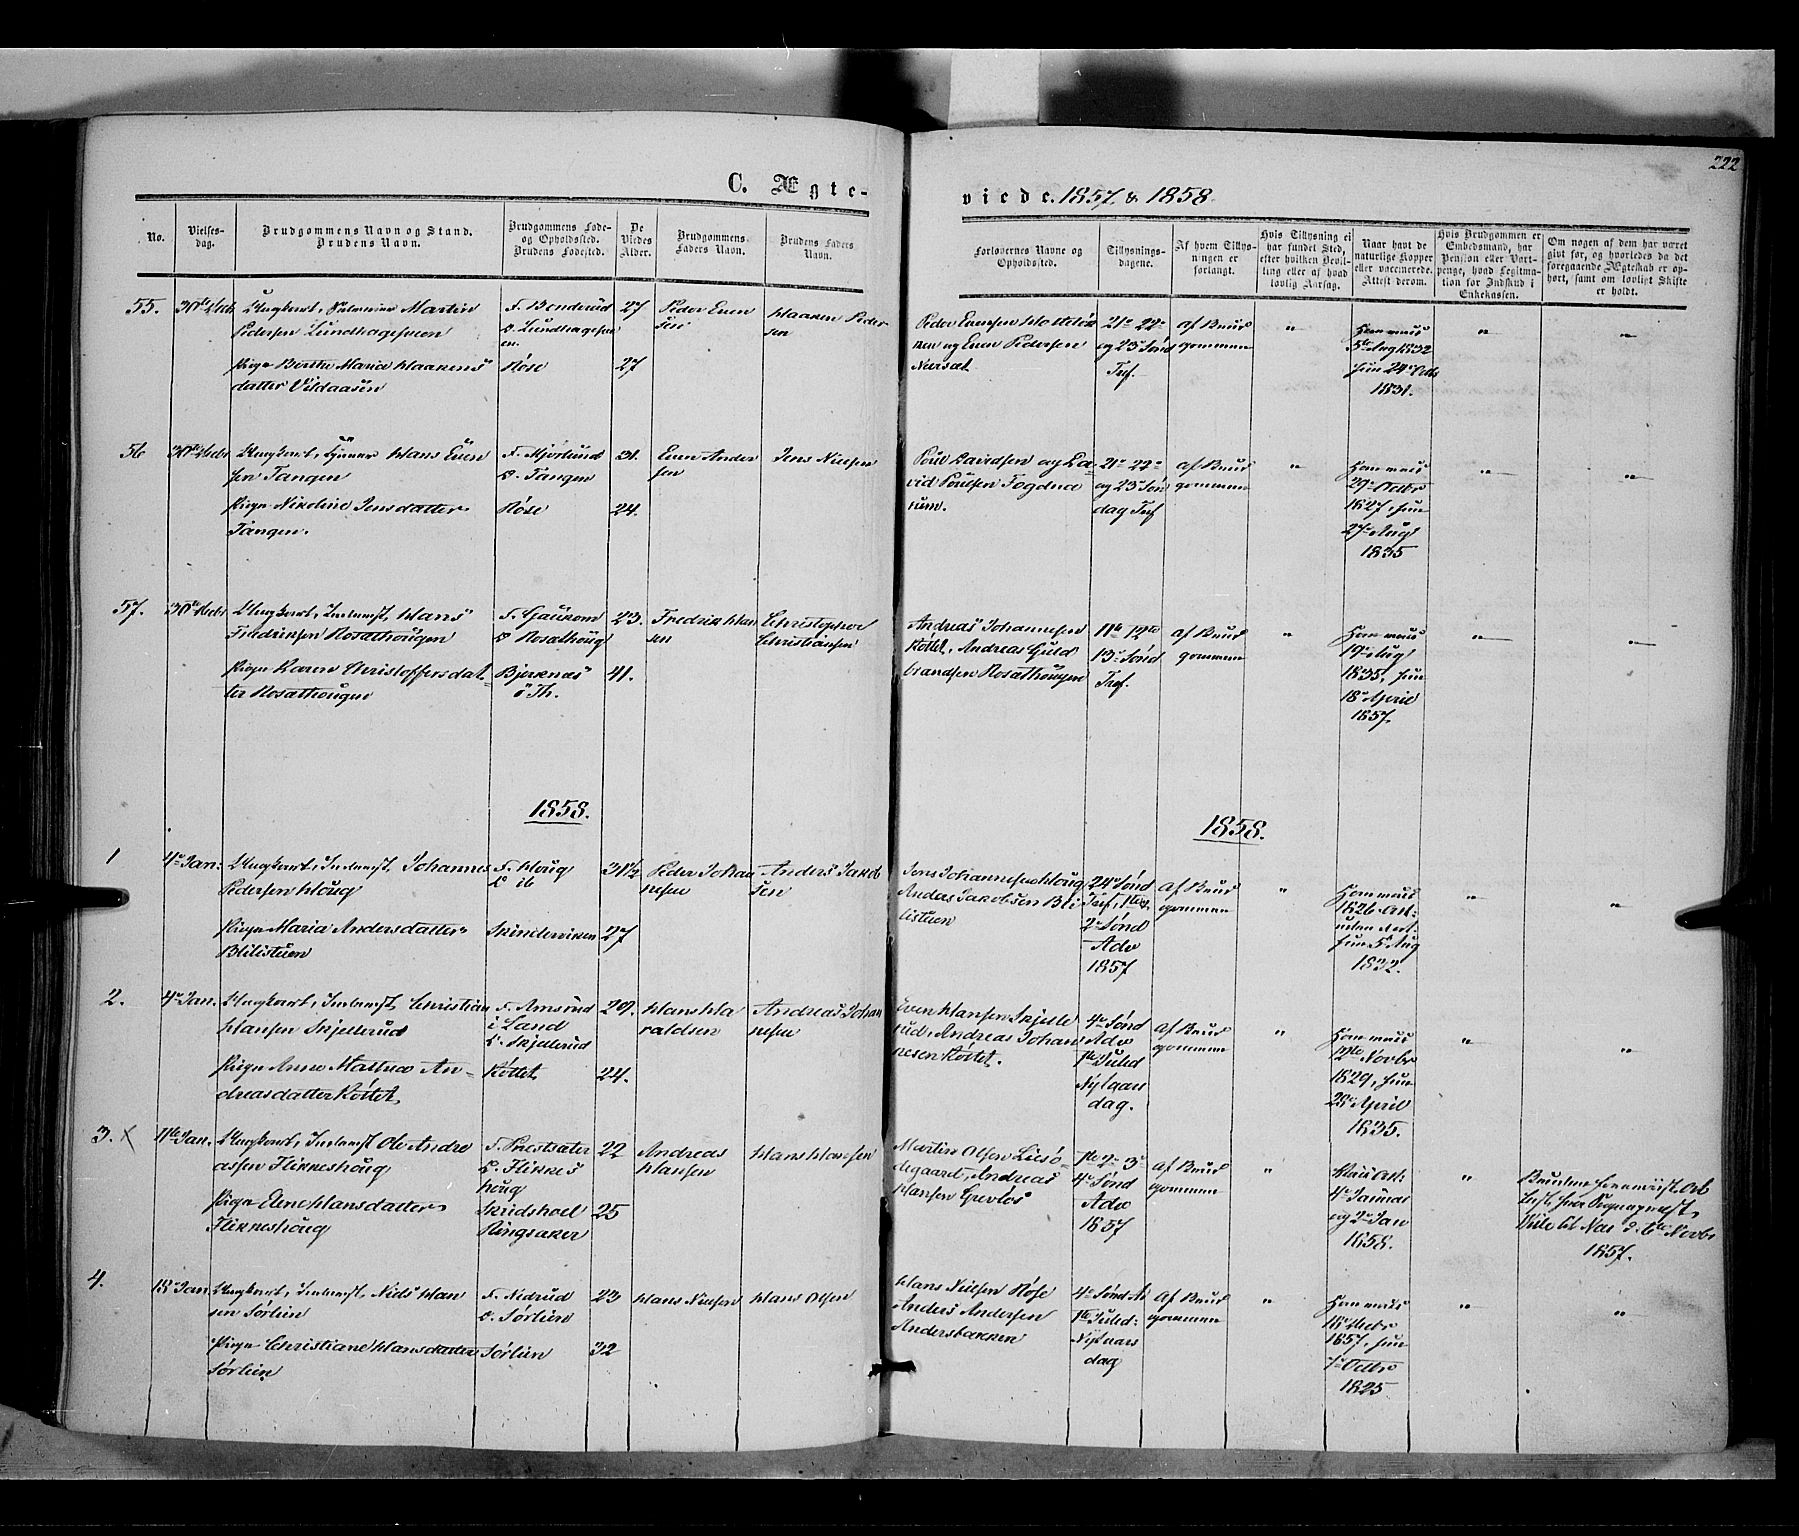 SAH, Vestre Toten prestekontor, Ministerialbok nr. 6, 1856-1861, s. 222